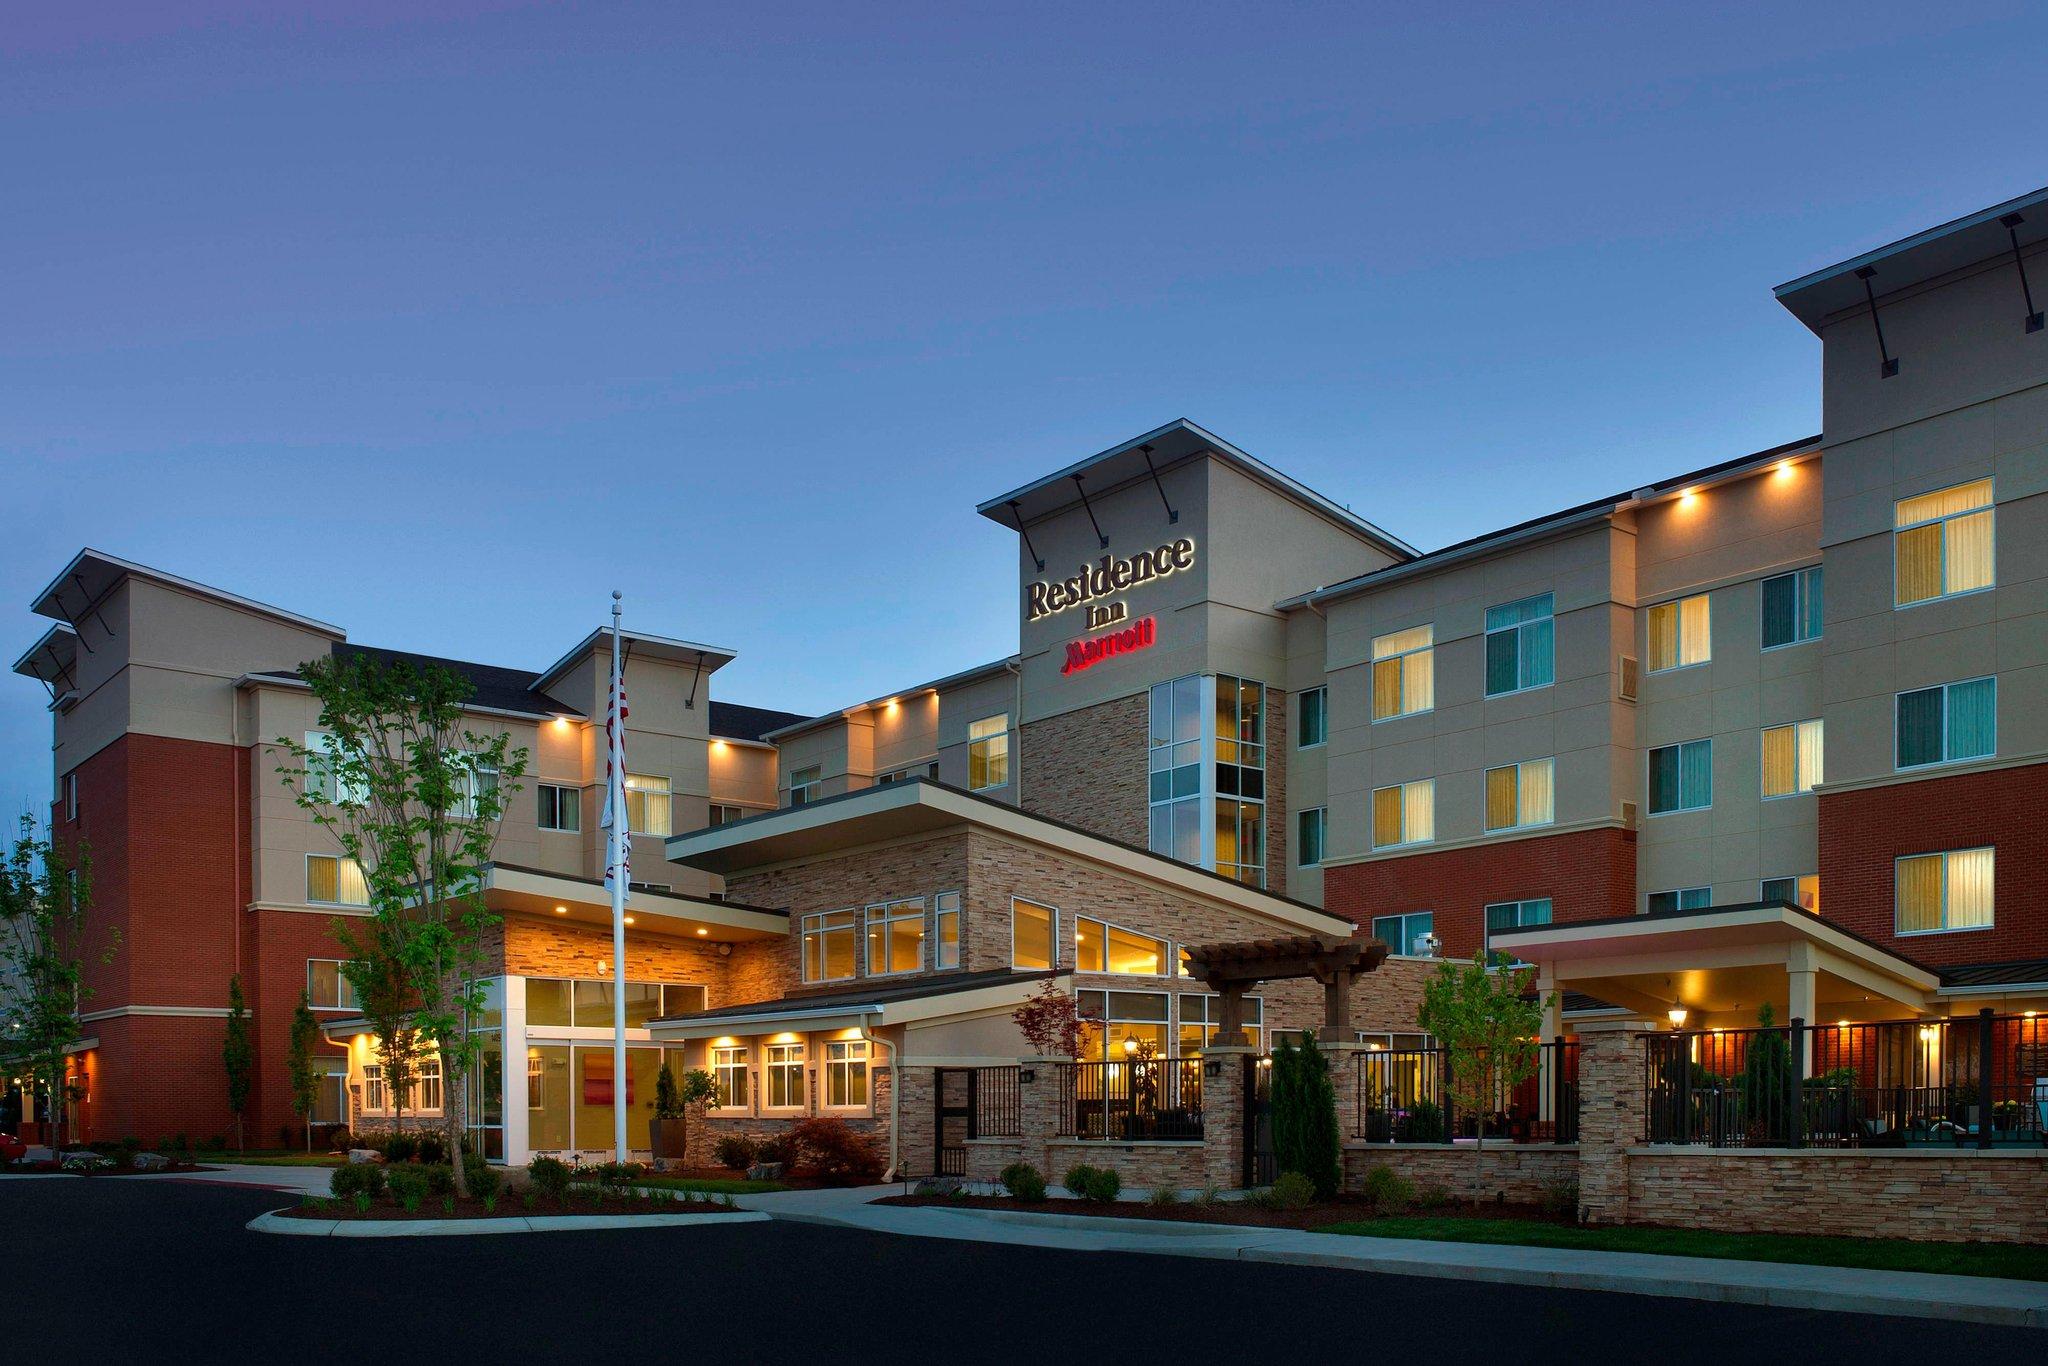 Residence Inn Murfree Marriott